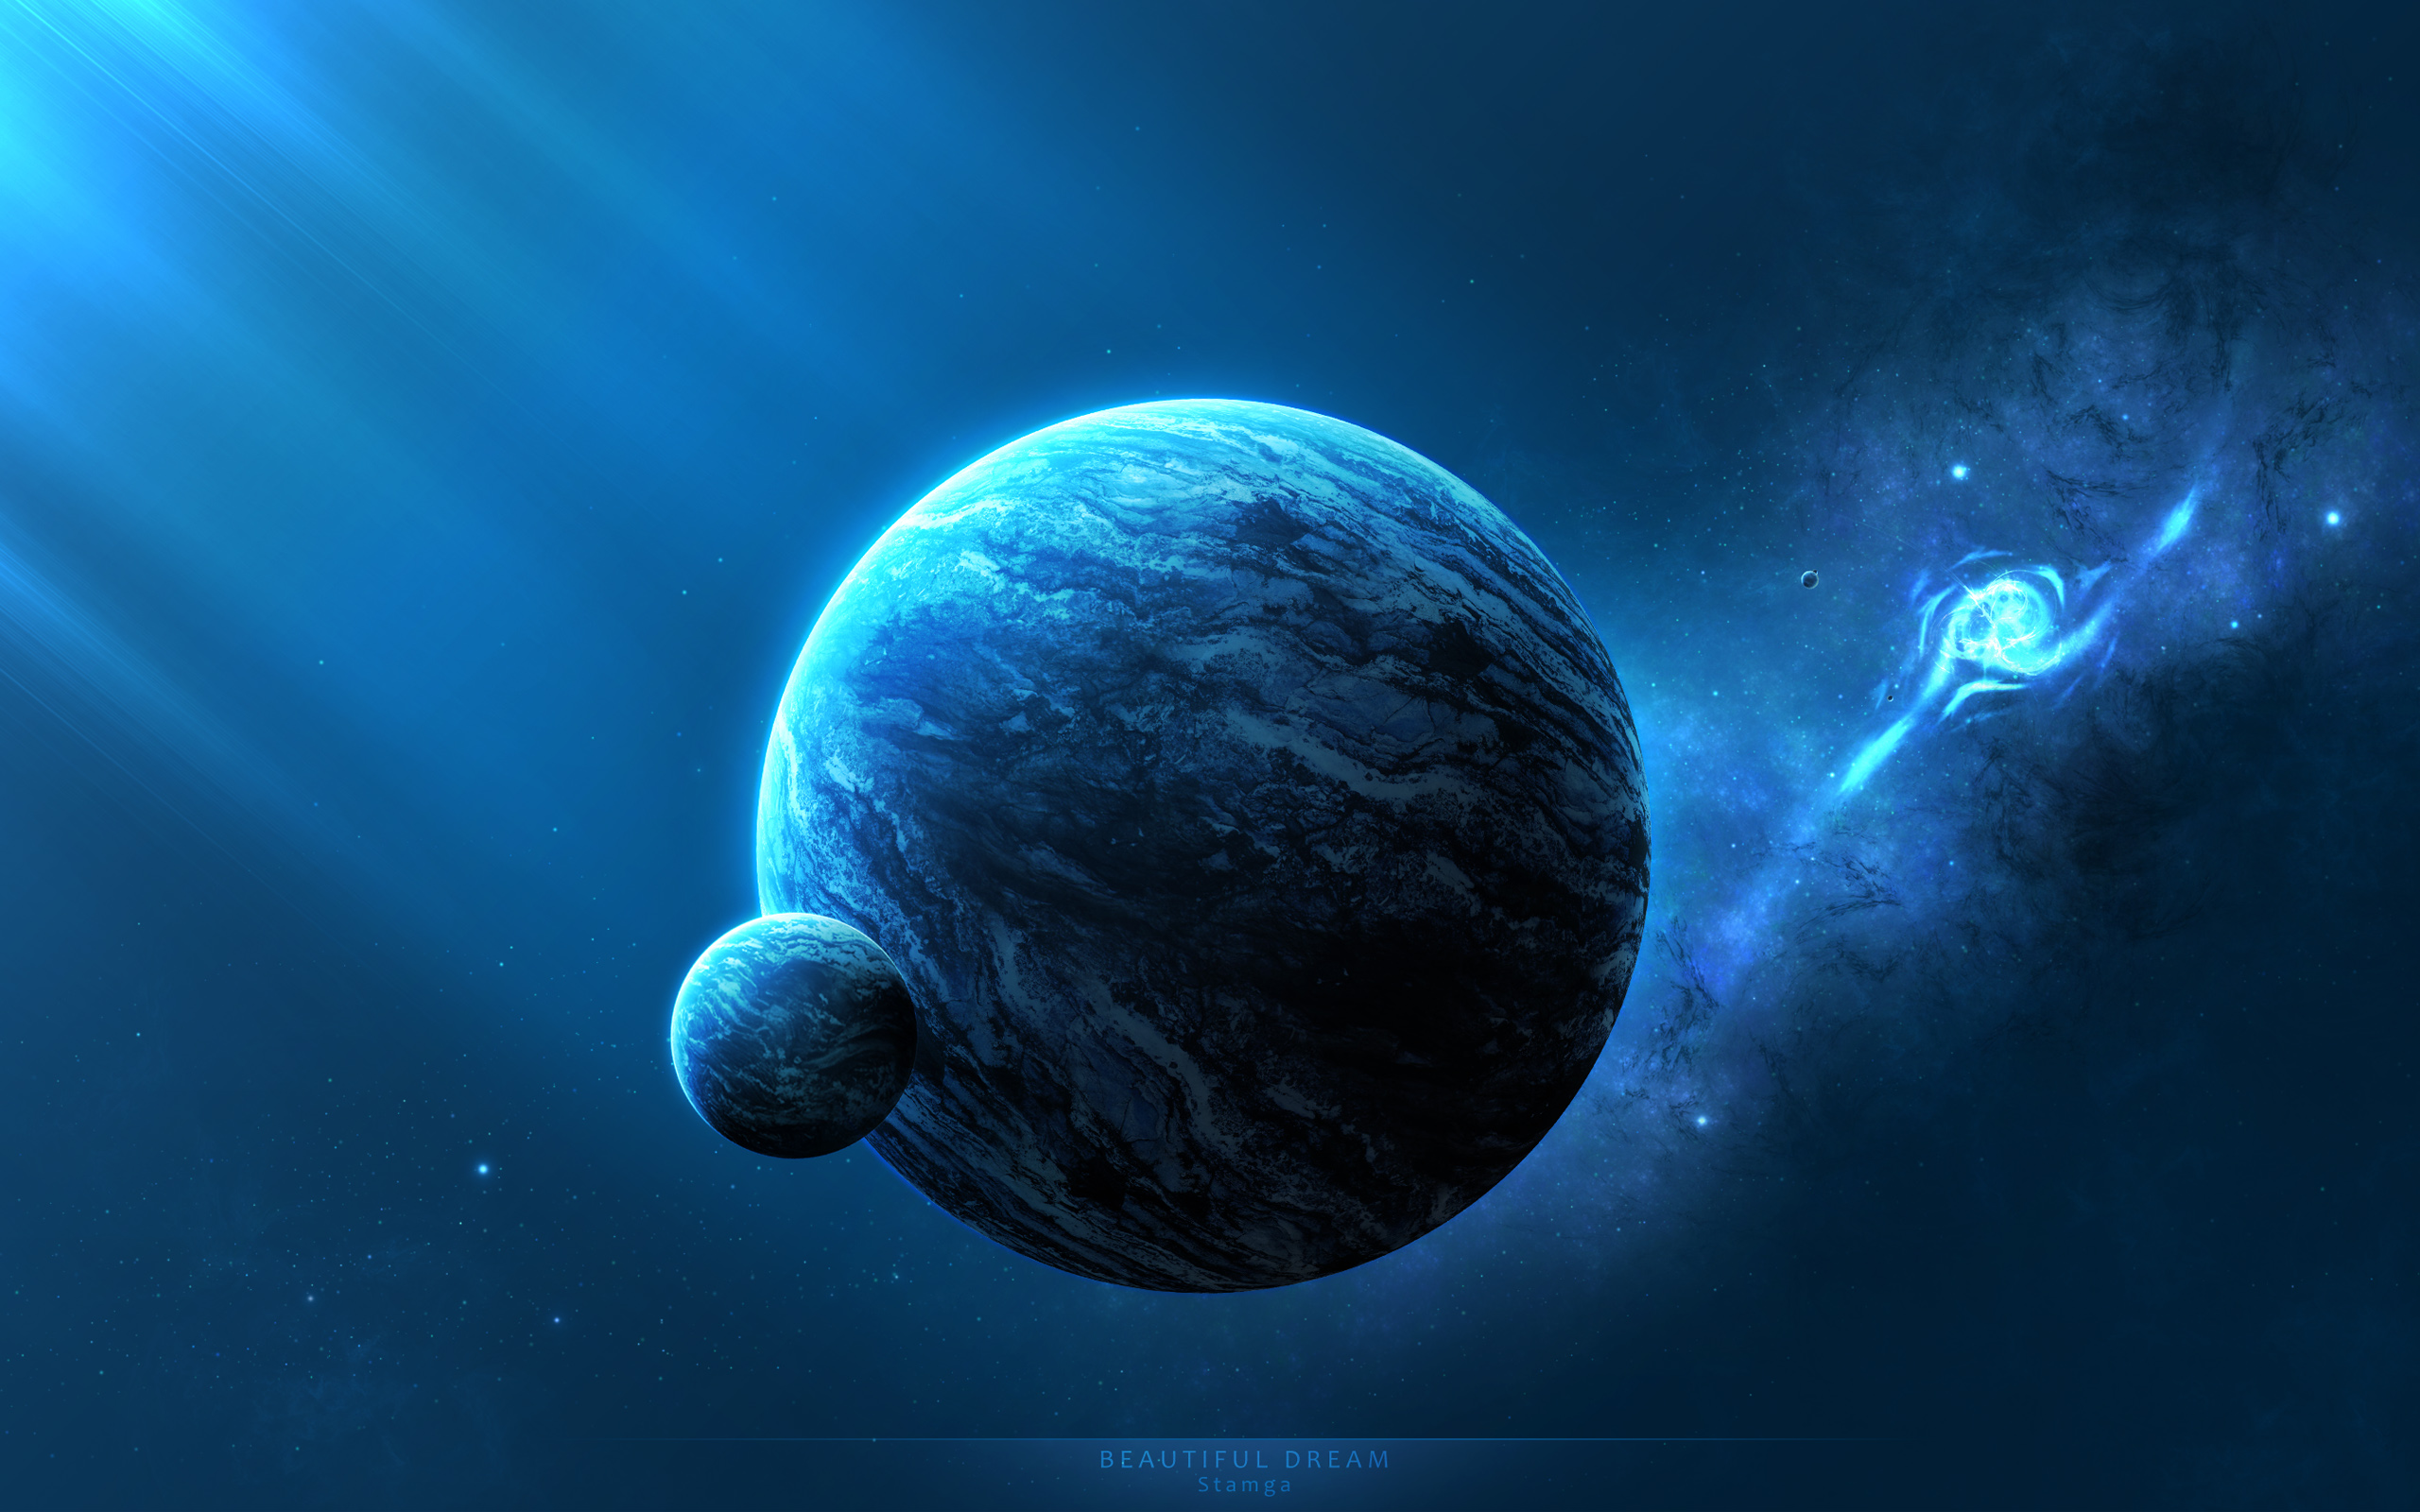 Обои галактика космос свет картинки на рабочий стол на тему Космос - скачать  № 1758673 бесплатно